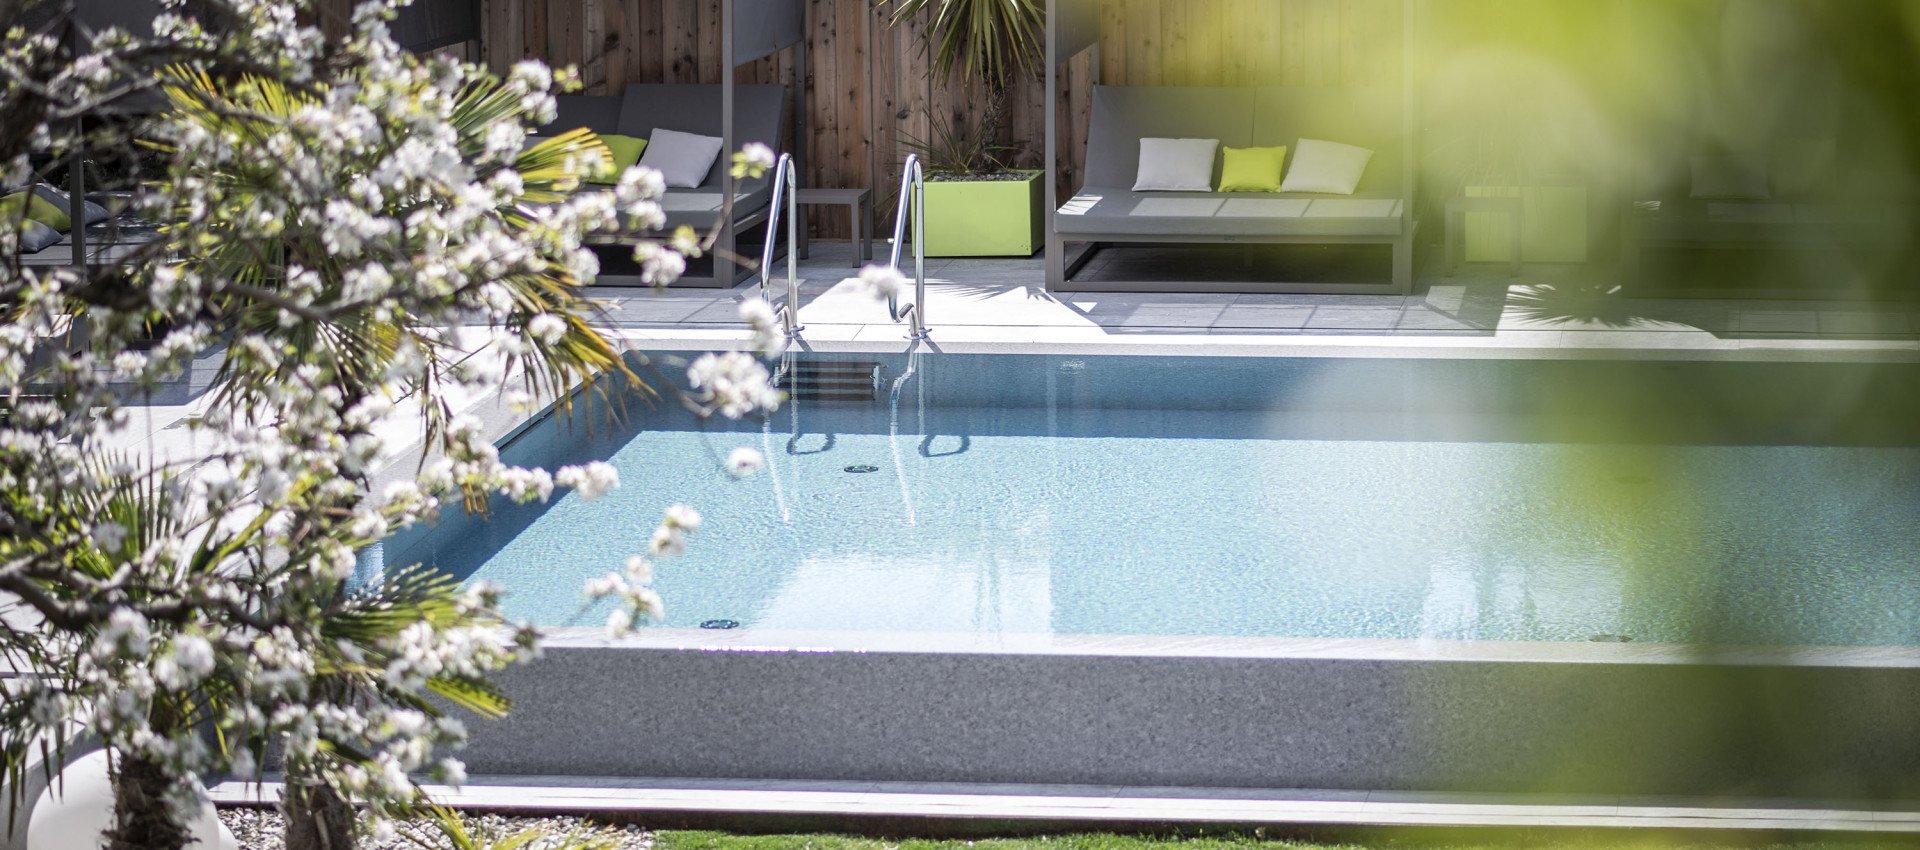 Wanderhotel Südtirol Preise im Hotel mit Pool; Urlaub in den Bergen, Wellnesshotel Südtirol